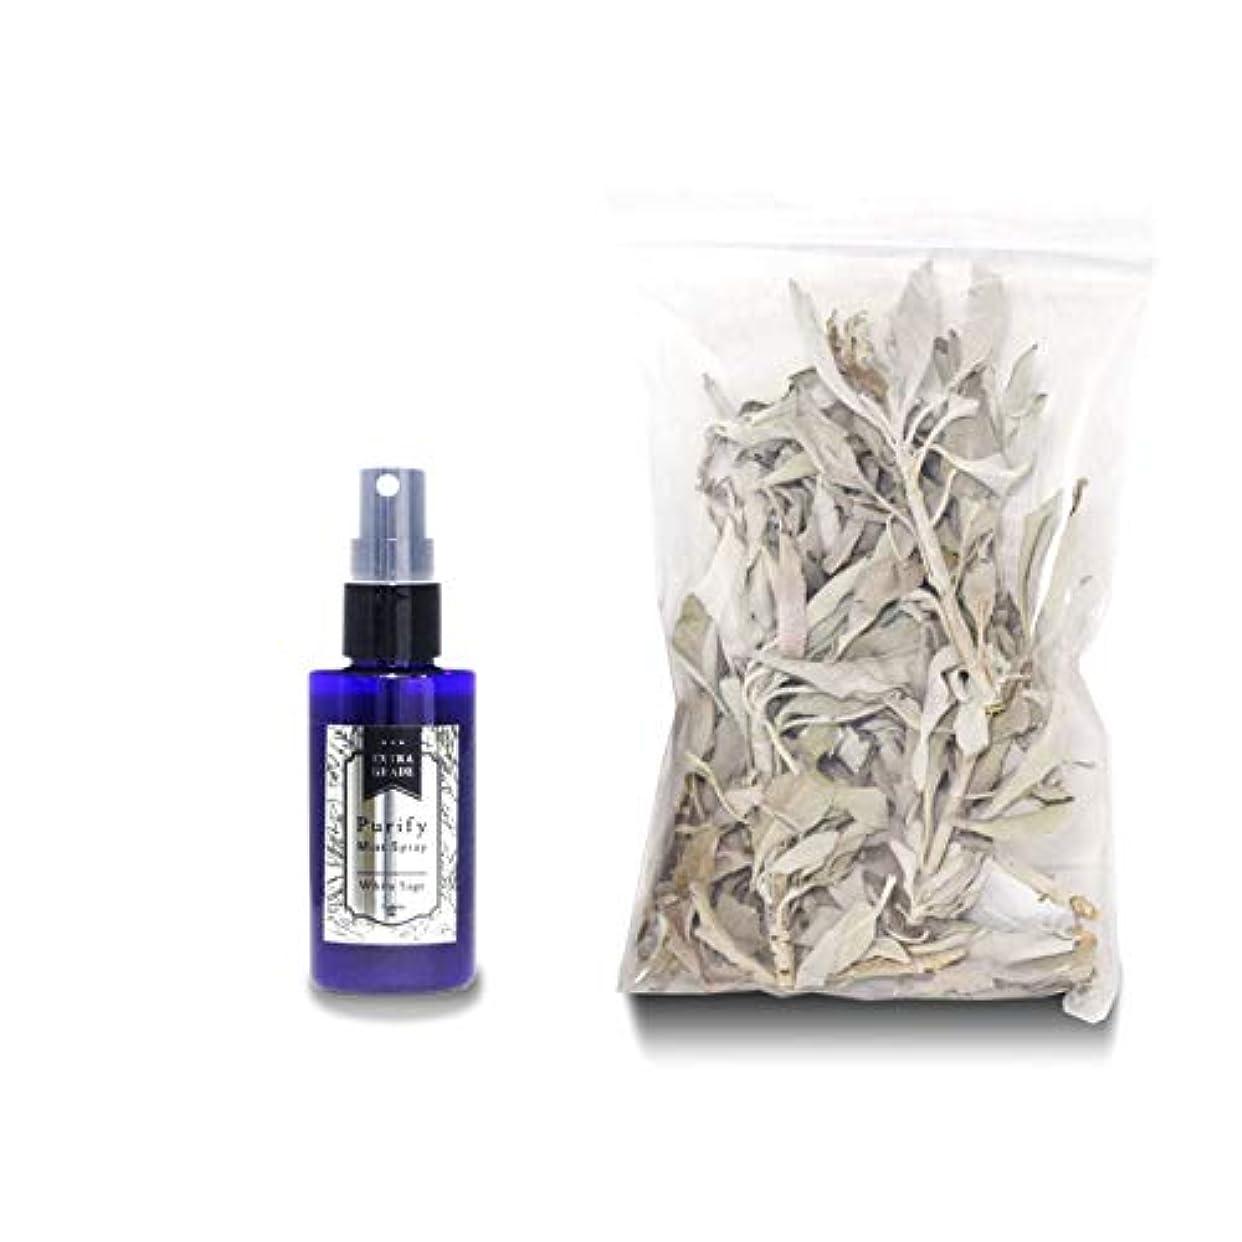 高原アーサー宣言するホワイトセージ 30g エクストラグレードセージミスト セット パワーストーン 浄化 お香 インセンス